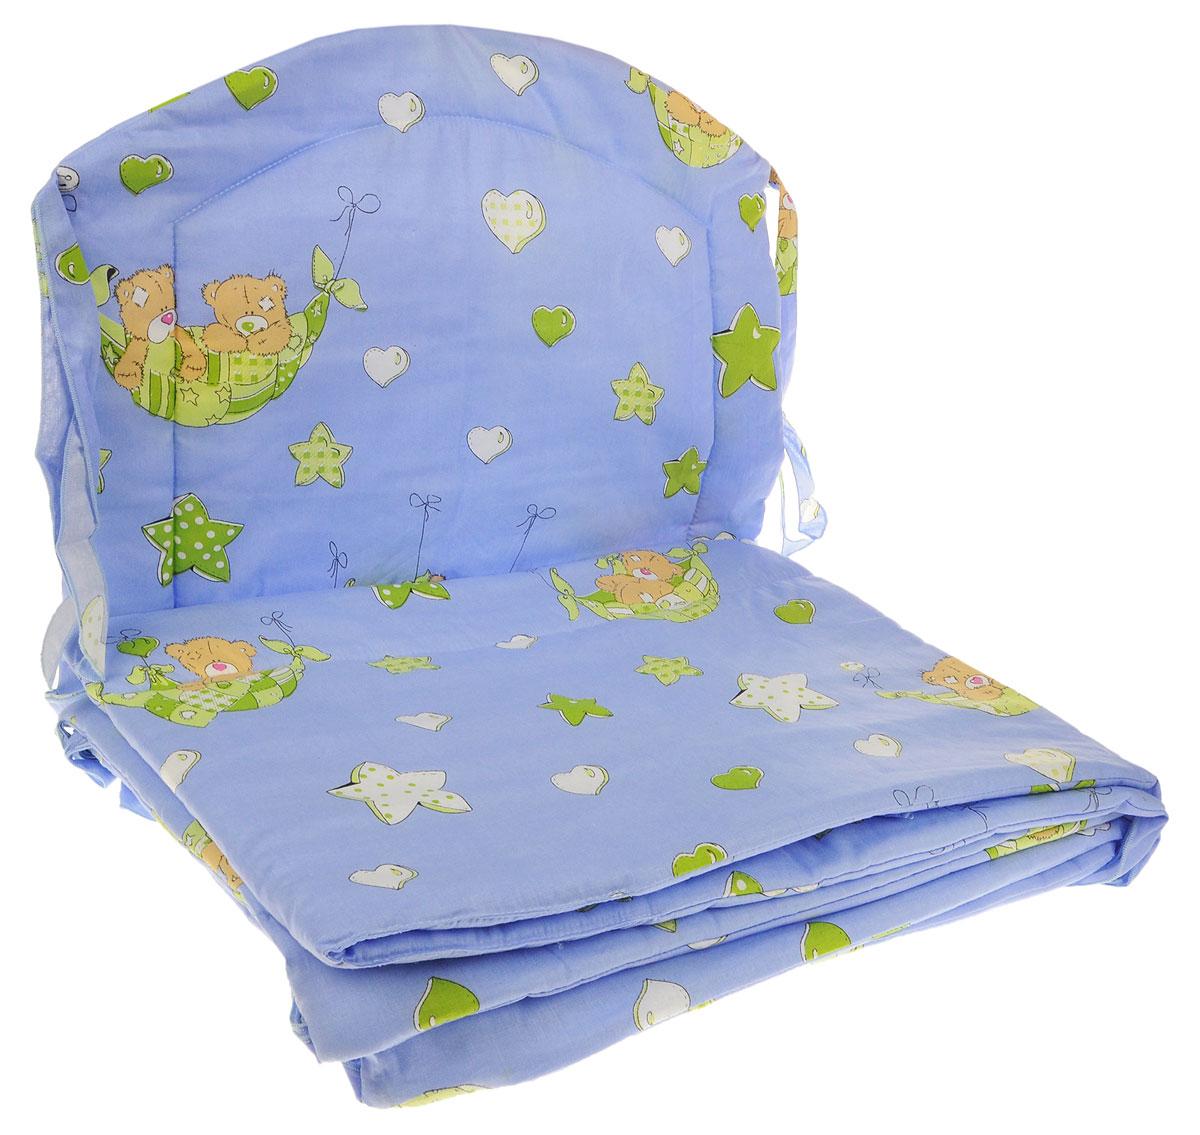 Фея Борт комбинированный 405 Мишка в гамаке цвет голубой1045_голубойКомбинированный бортик в кроватку Фея Мишка выполнен из высококачественных материалов. Бортик крепится к кроватке с помощью специальных завязок, благодаря чему его можно поместить в любую детскую кроватку. Он защитит малыша от сквозняков, а когда ребенок подрастет и начнет вставать - от ударов при возможных падениях. Малыш с удовольствием будет разглядывать забавные рисунки. Красочный бортик в кроватку выполняет эстетическую функцию, делая внешний вид кроватки еще прекраснее. Бортик обеспечит изолированность и уют внутри кроватки для малыша во время его отдыха.